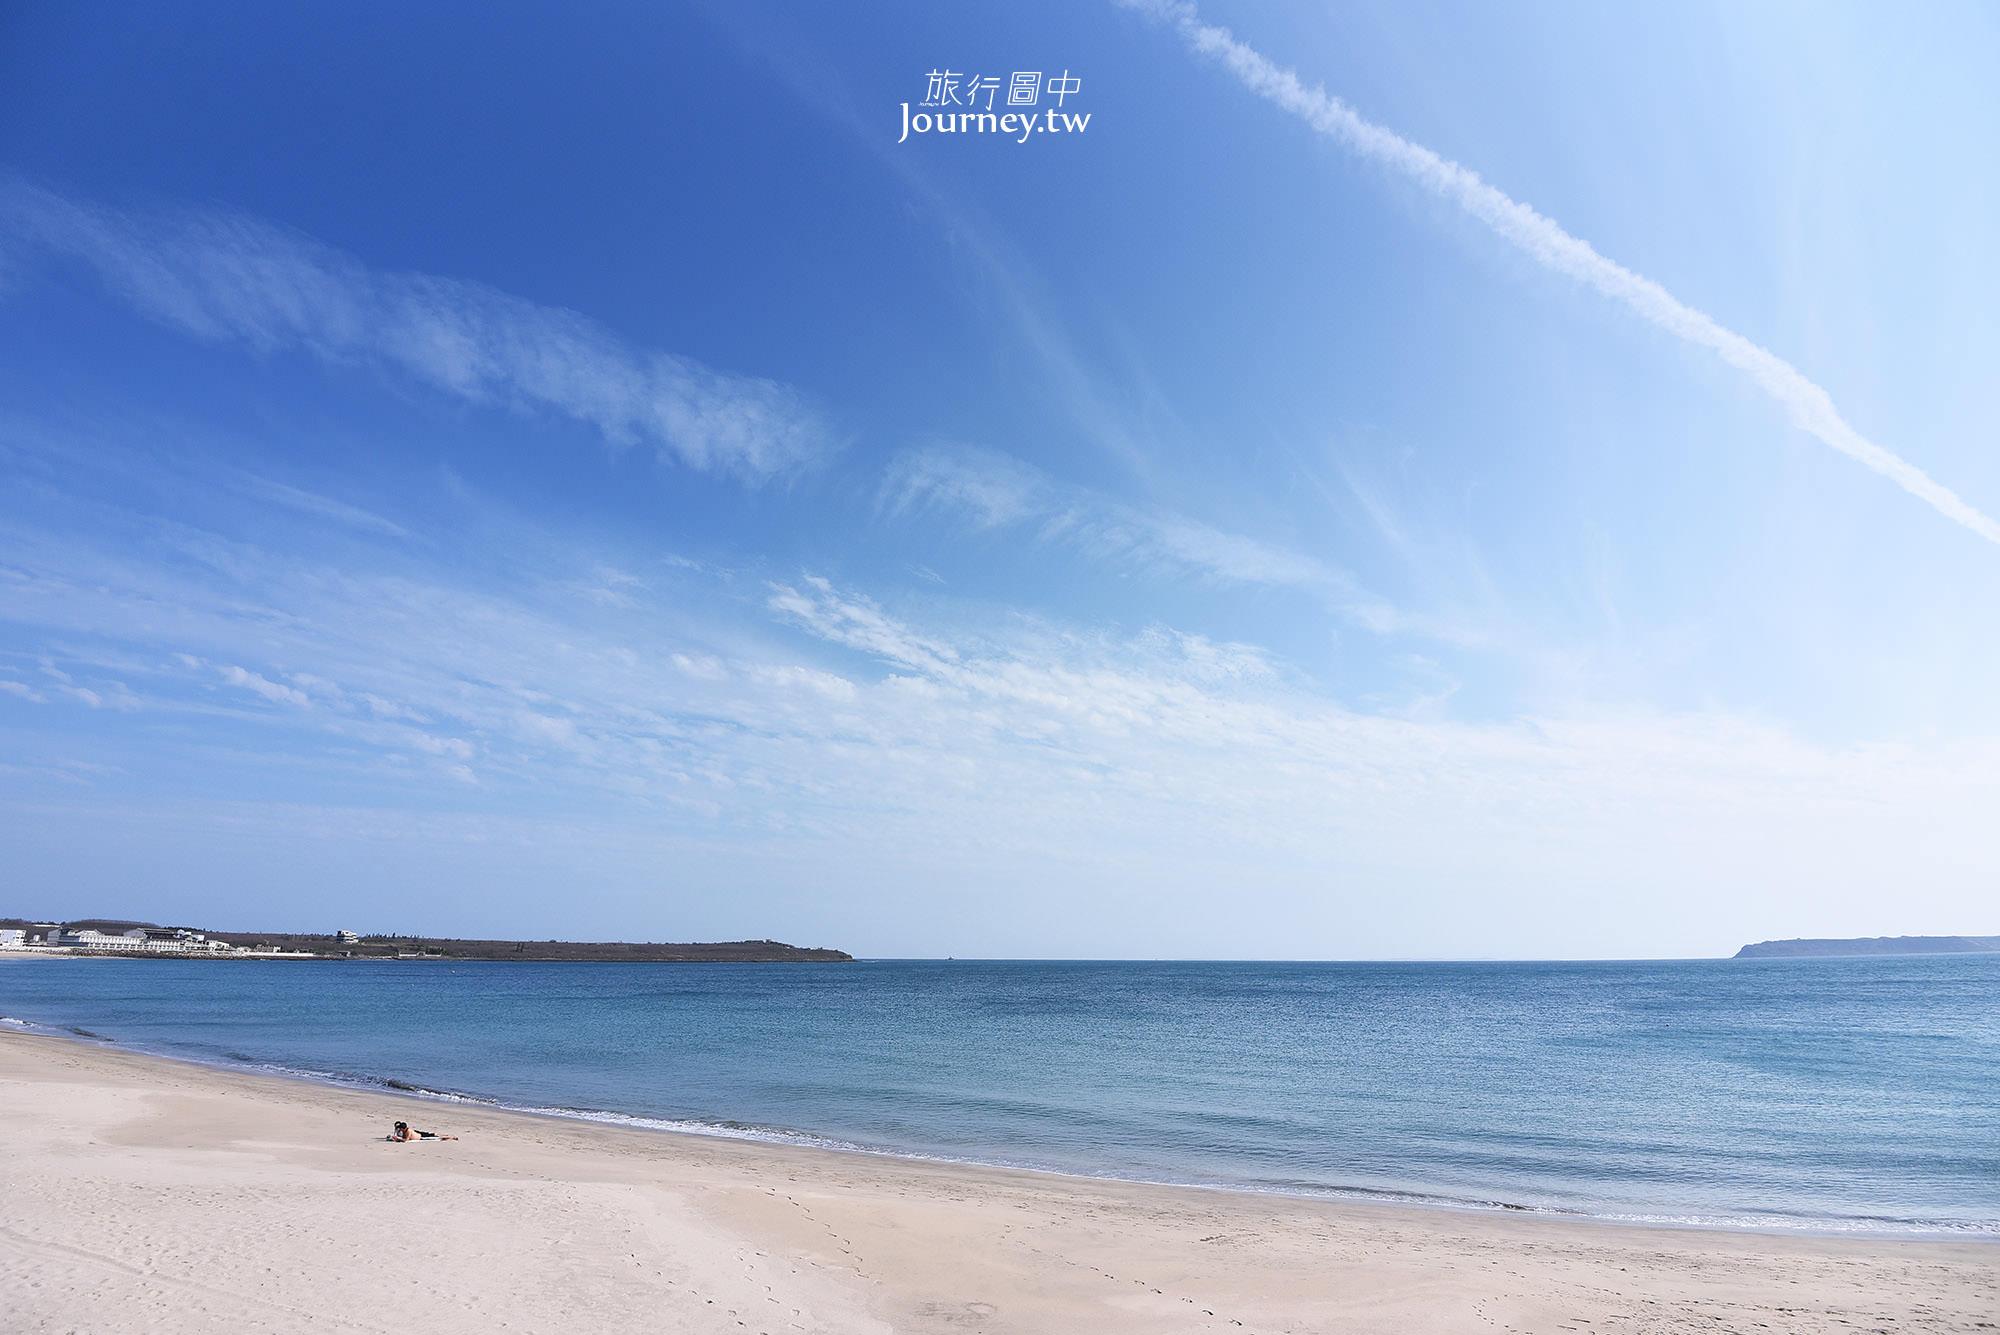 澎湖,馬公,嵵裡沙灘